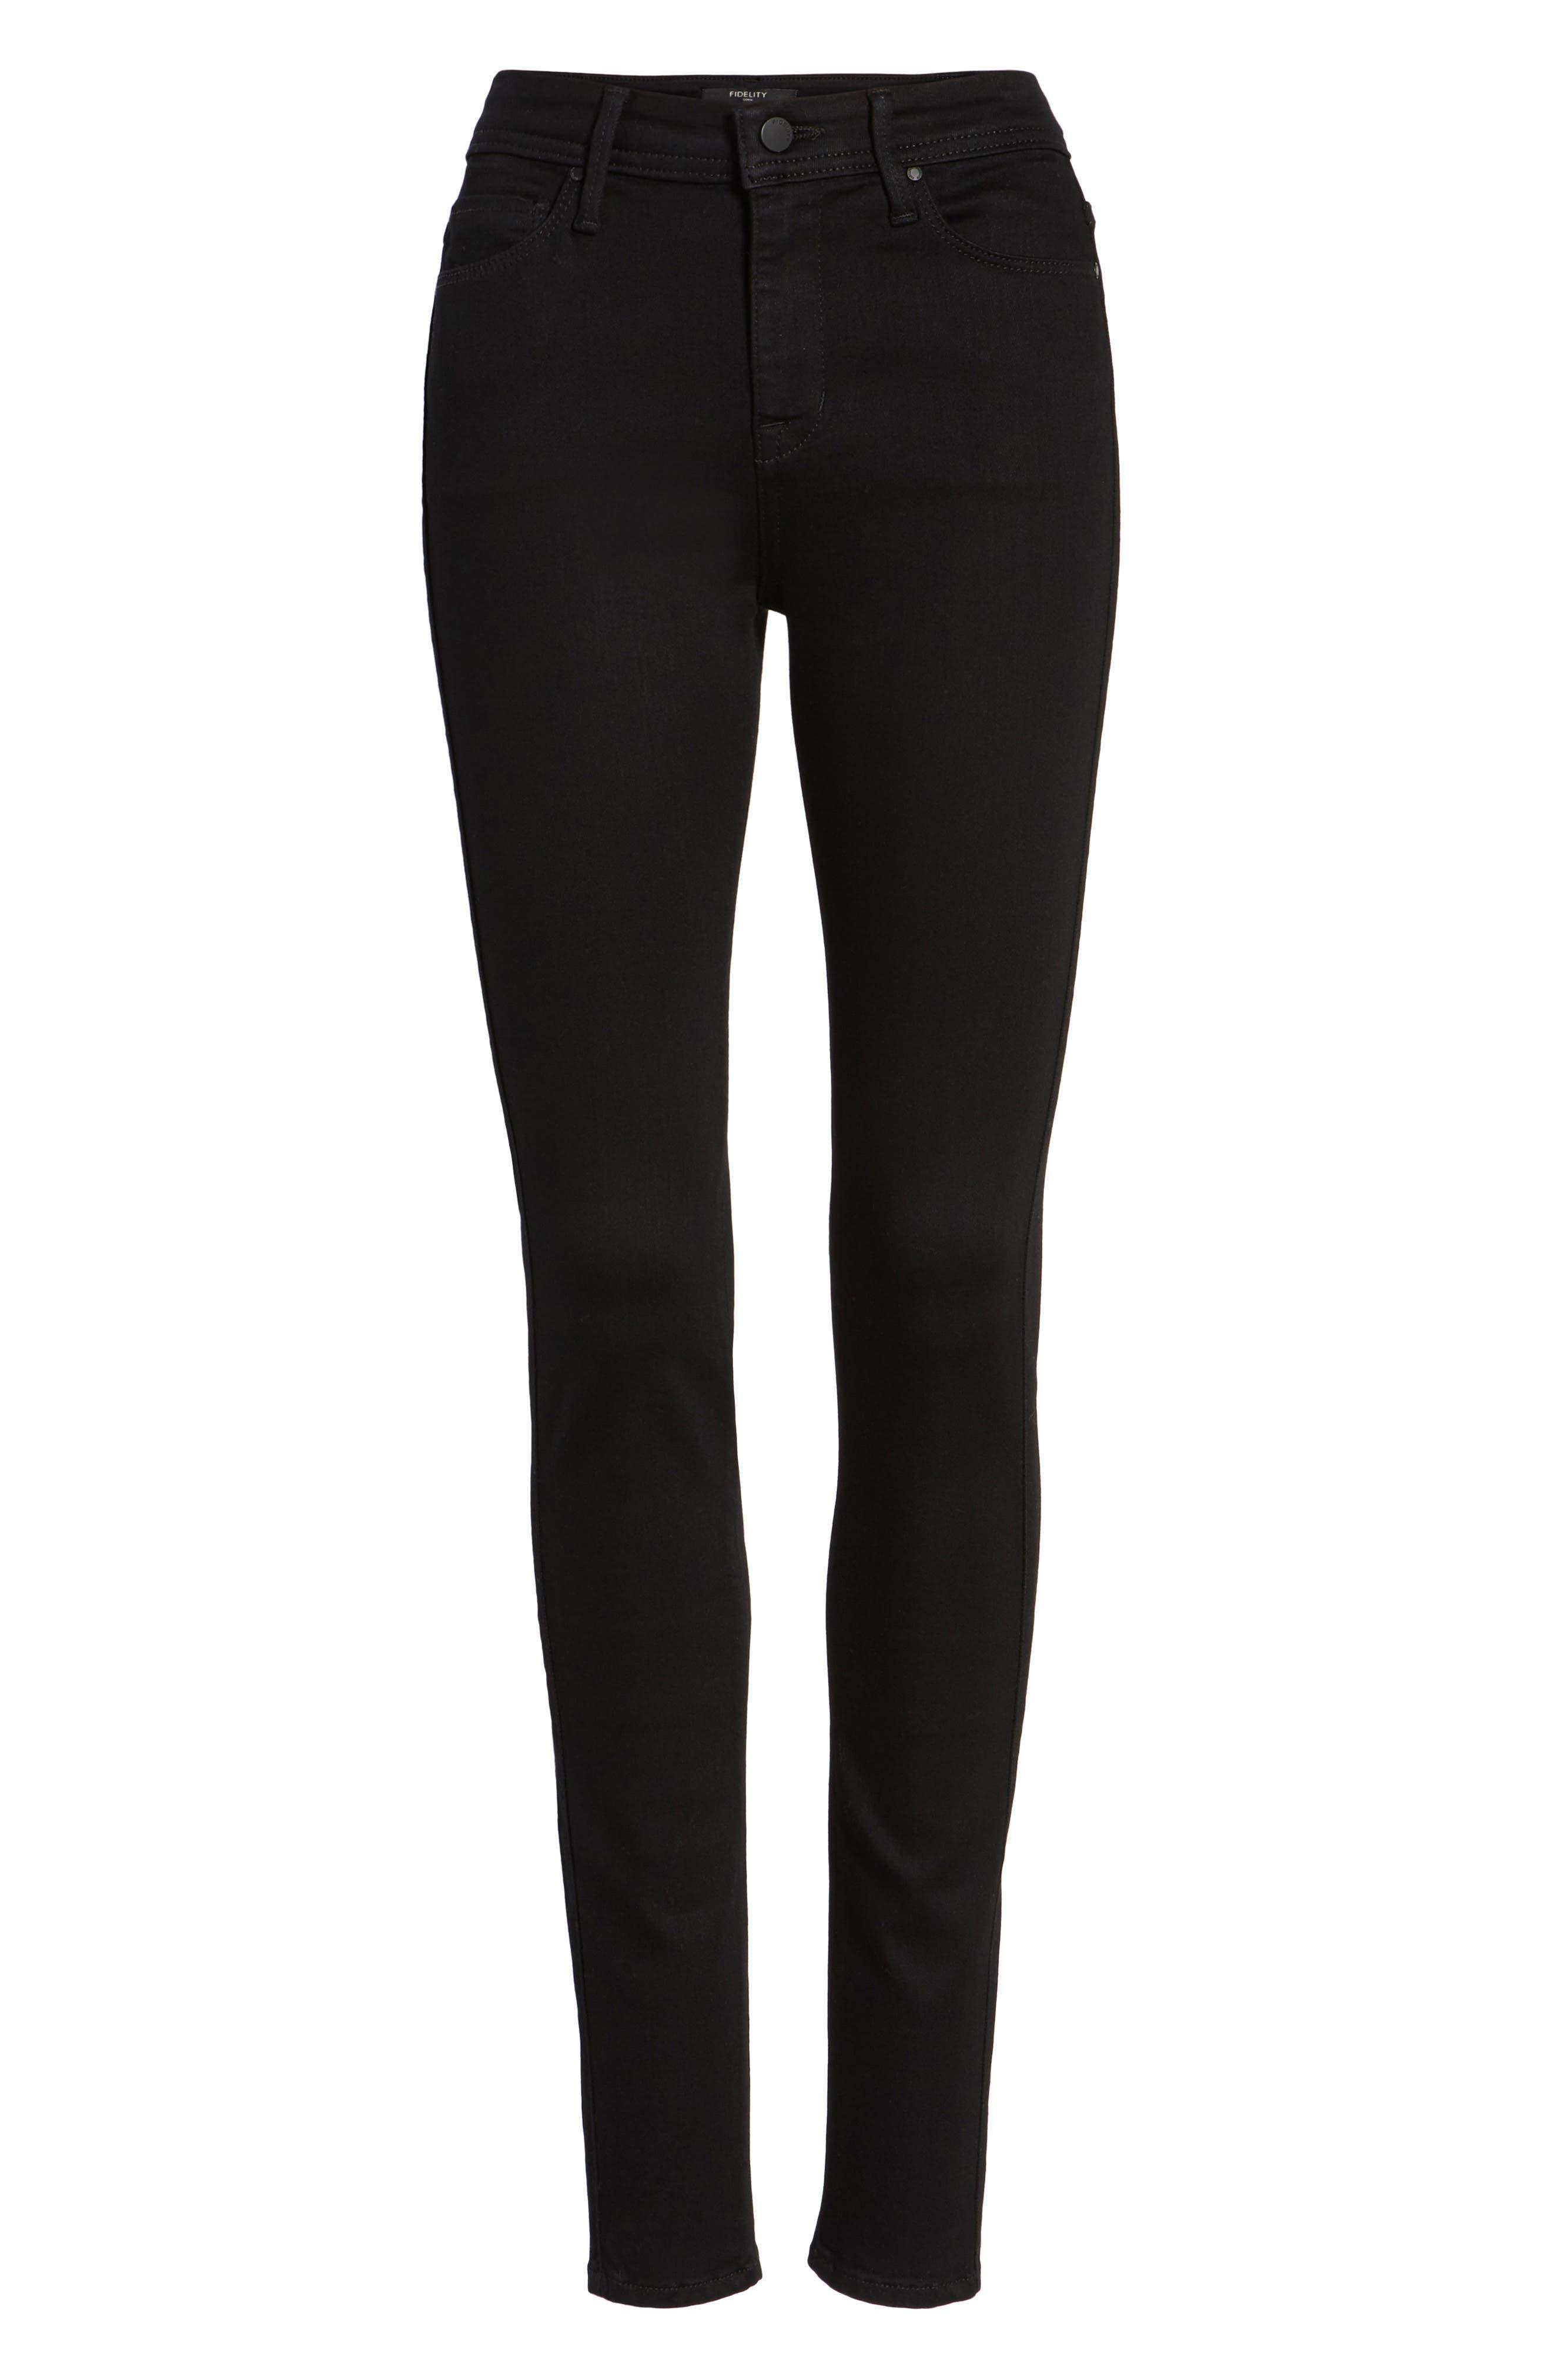 Belvedere Skinny Jeans,                             Alternate thumbnail 6, color,                             Jett Black